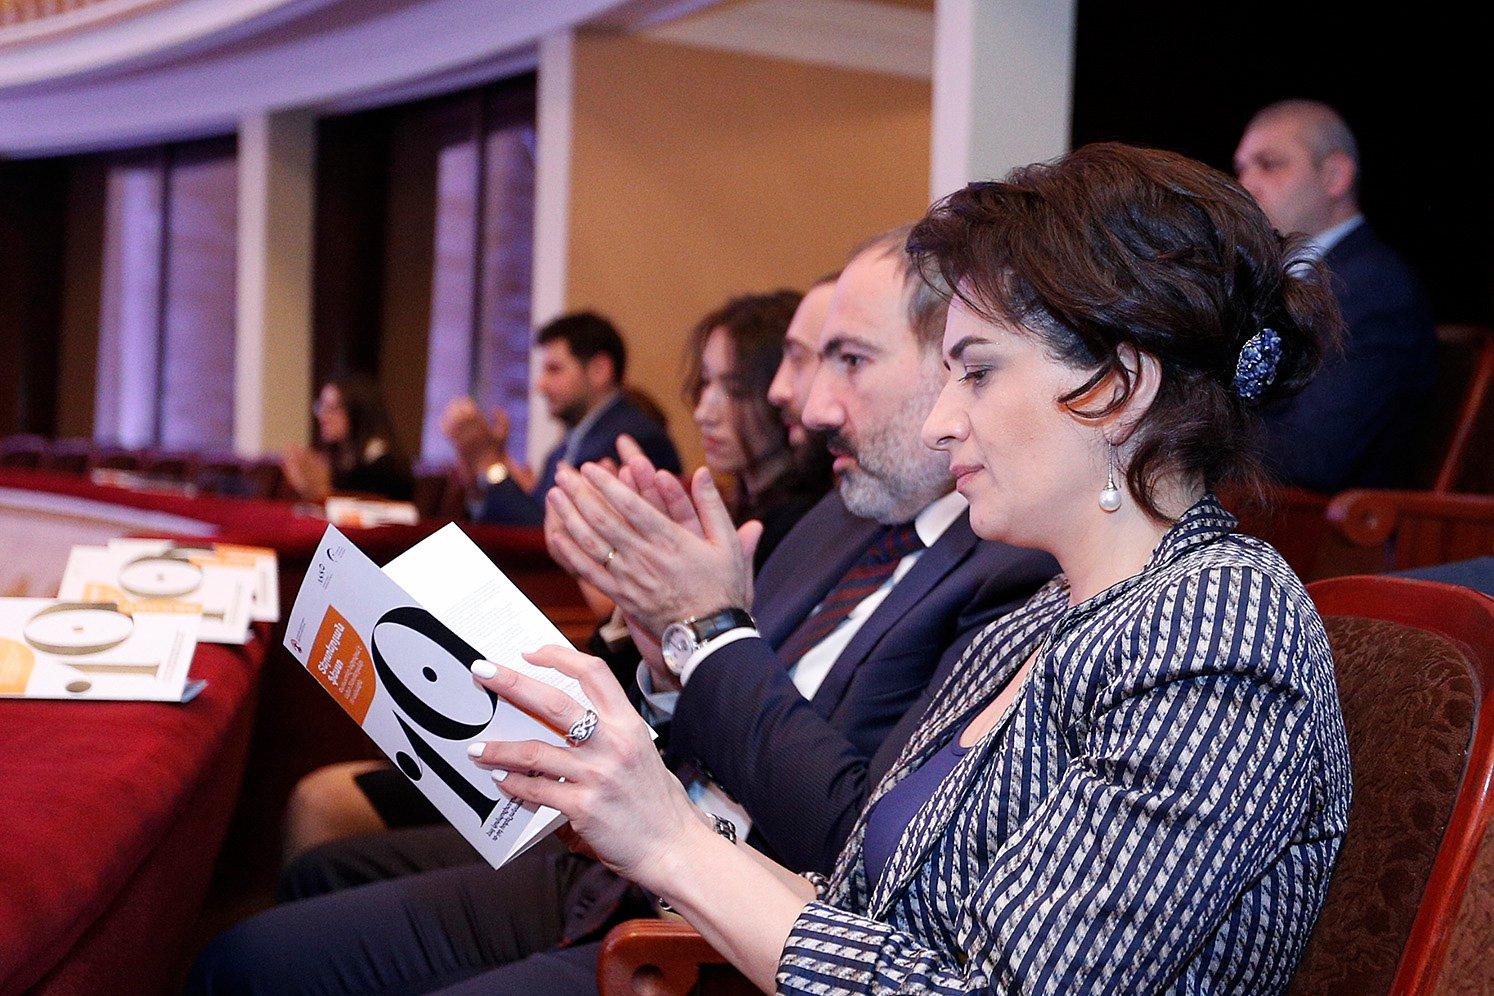 Նիկոլ Փաշինյանը և Աննա Հակոբյանը ներկա են գտնվել Հայ կոմպոզիտորական արվեստի 10-րդ փառատոնի բացմանը